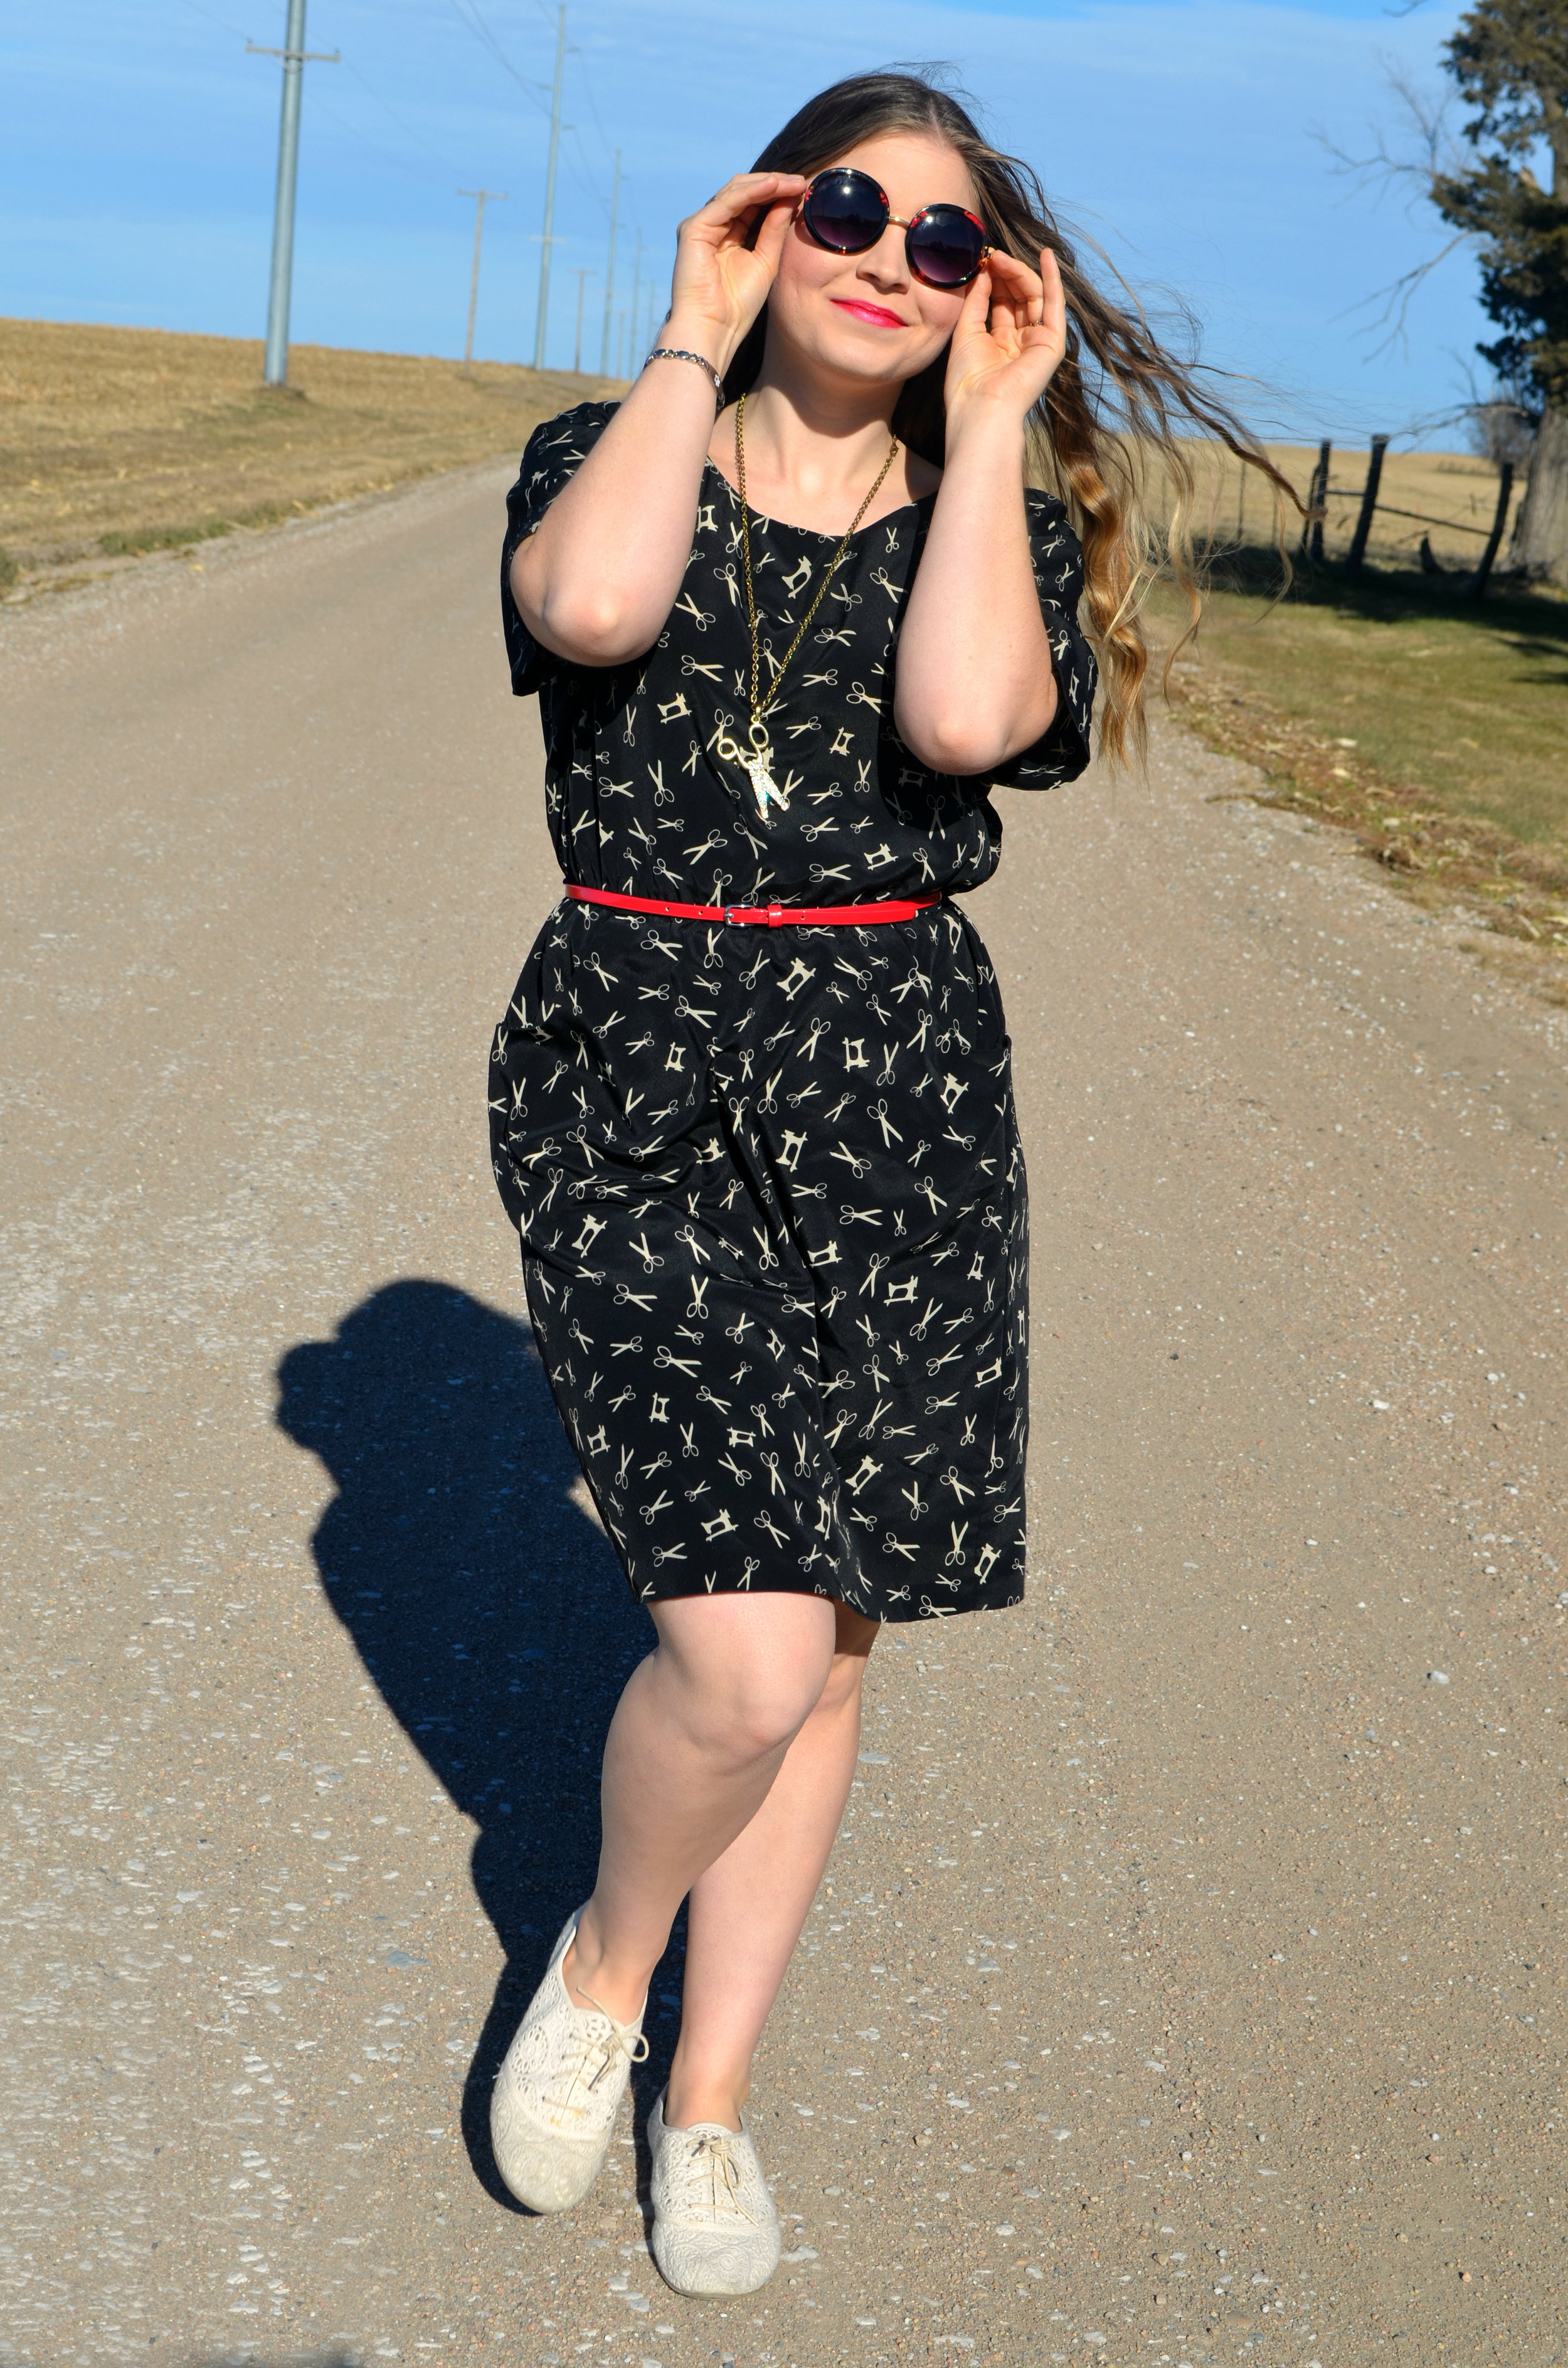 Dress: Goodwill / Belt: Thrifted / Necklace: Nebraska State Fair Booth / Shoes: Payless / Sunnies: Torrid